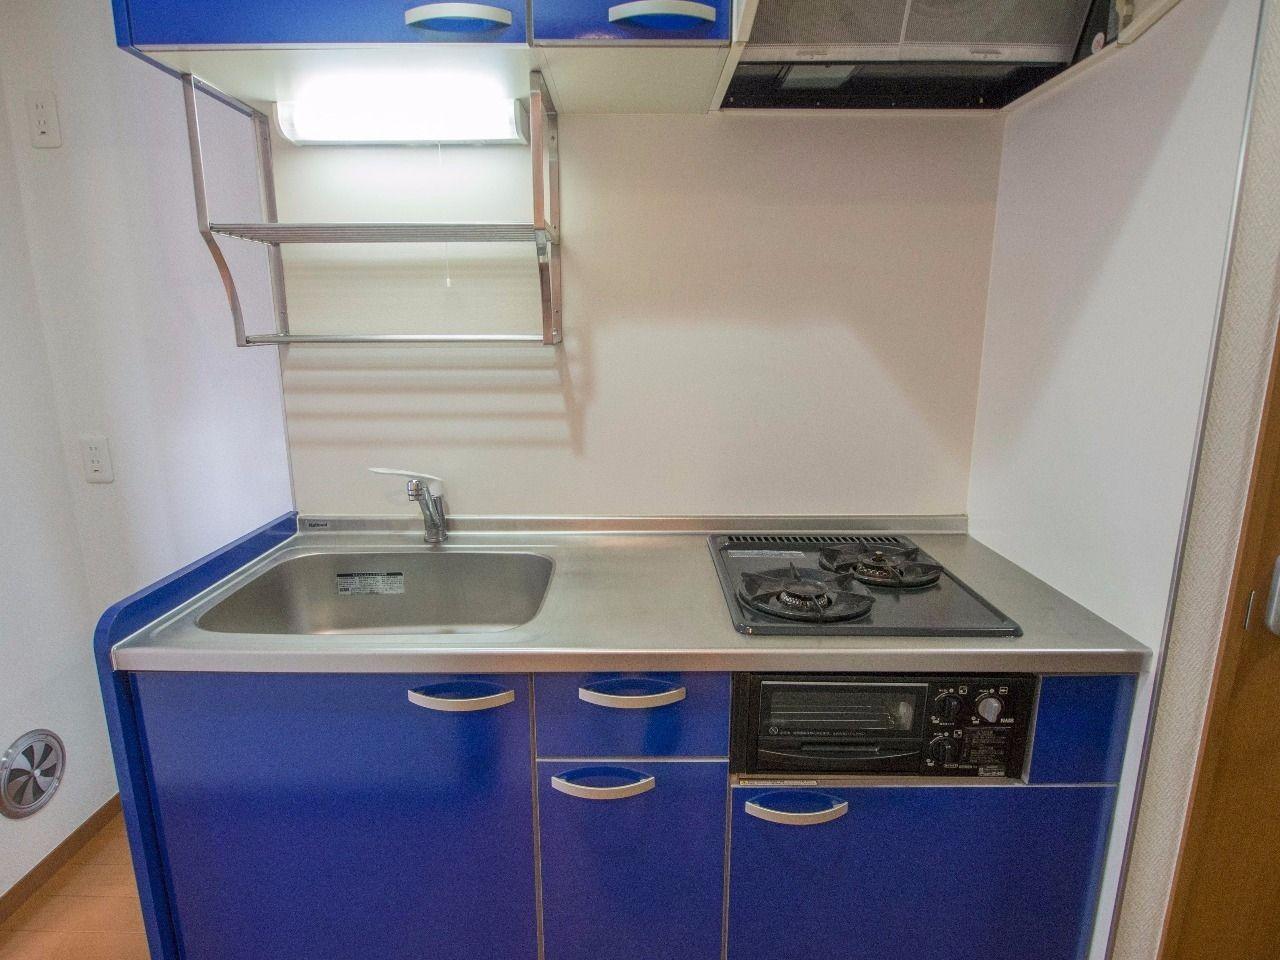 レンジフードと吊棚のあるキッチン